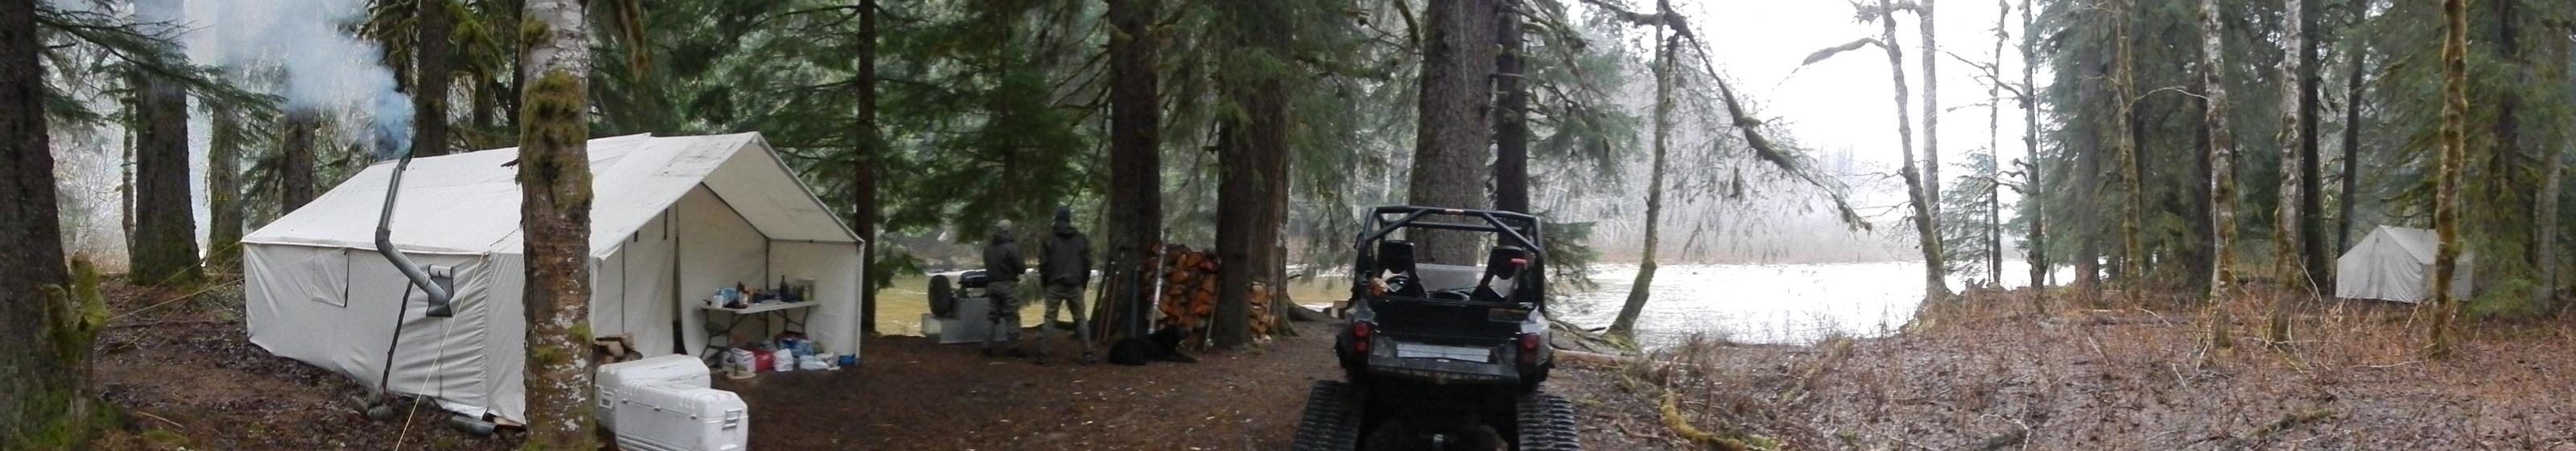 panoramic photo of camp